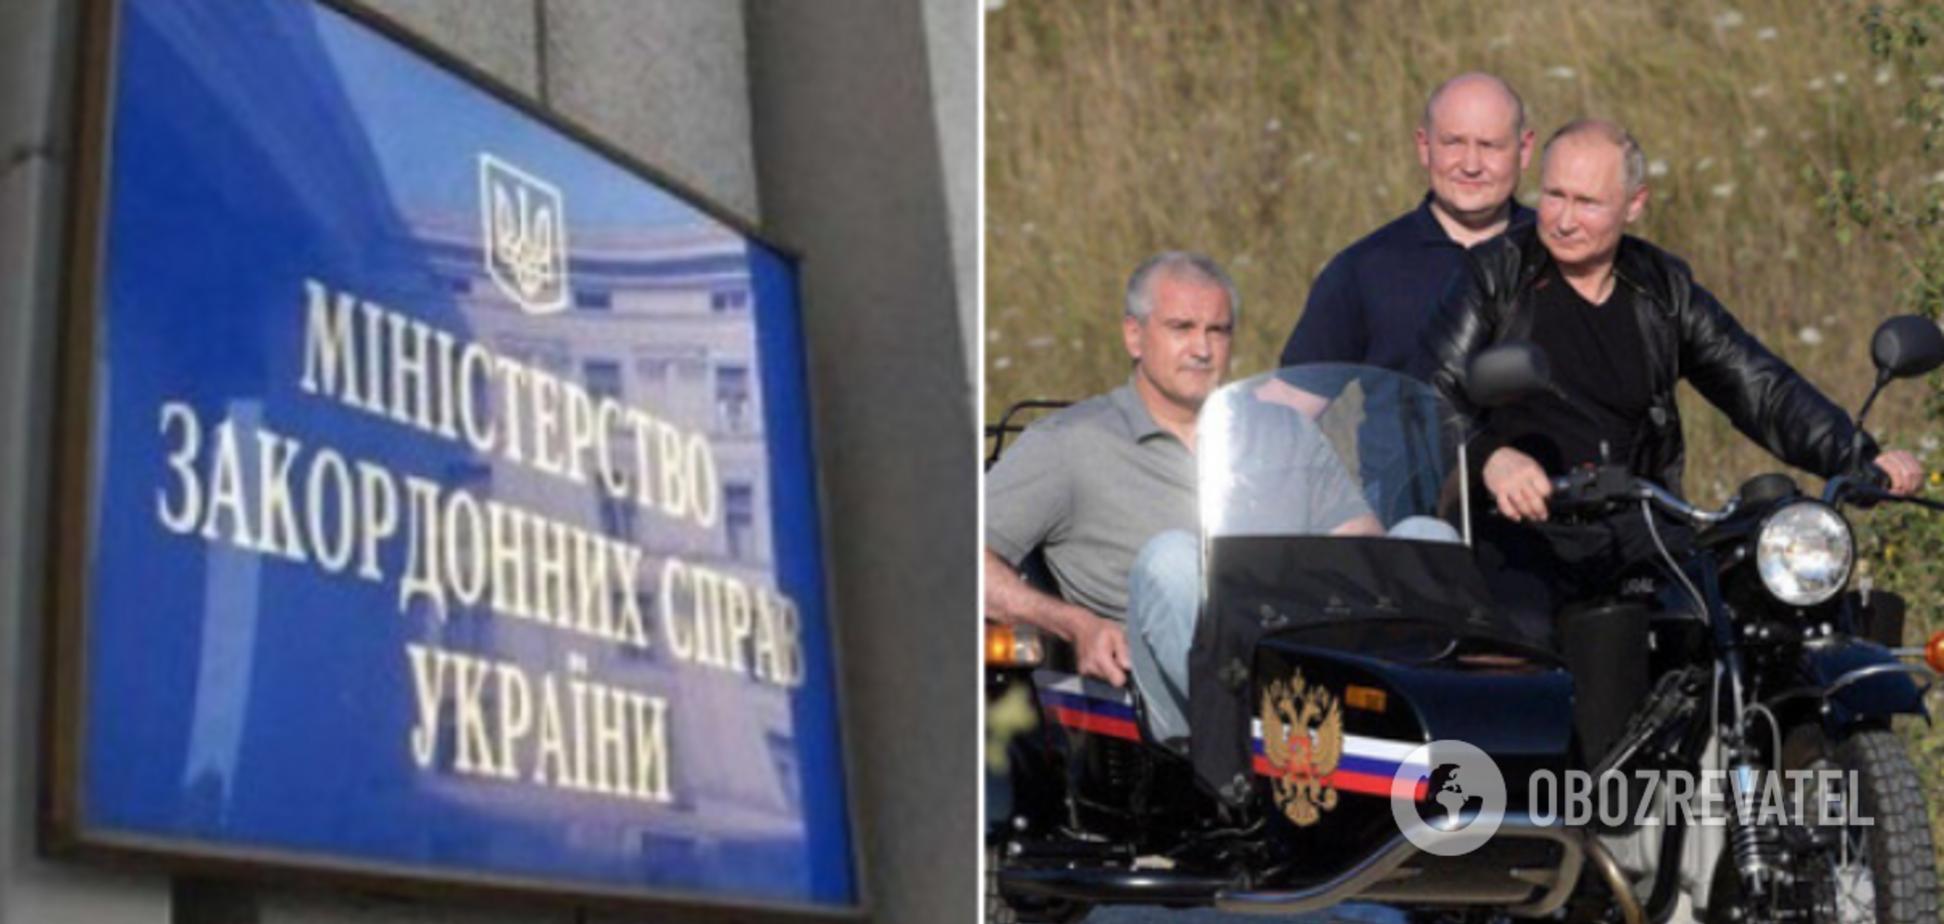 МИД ответил на вояж Путина в Крым